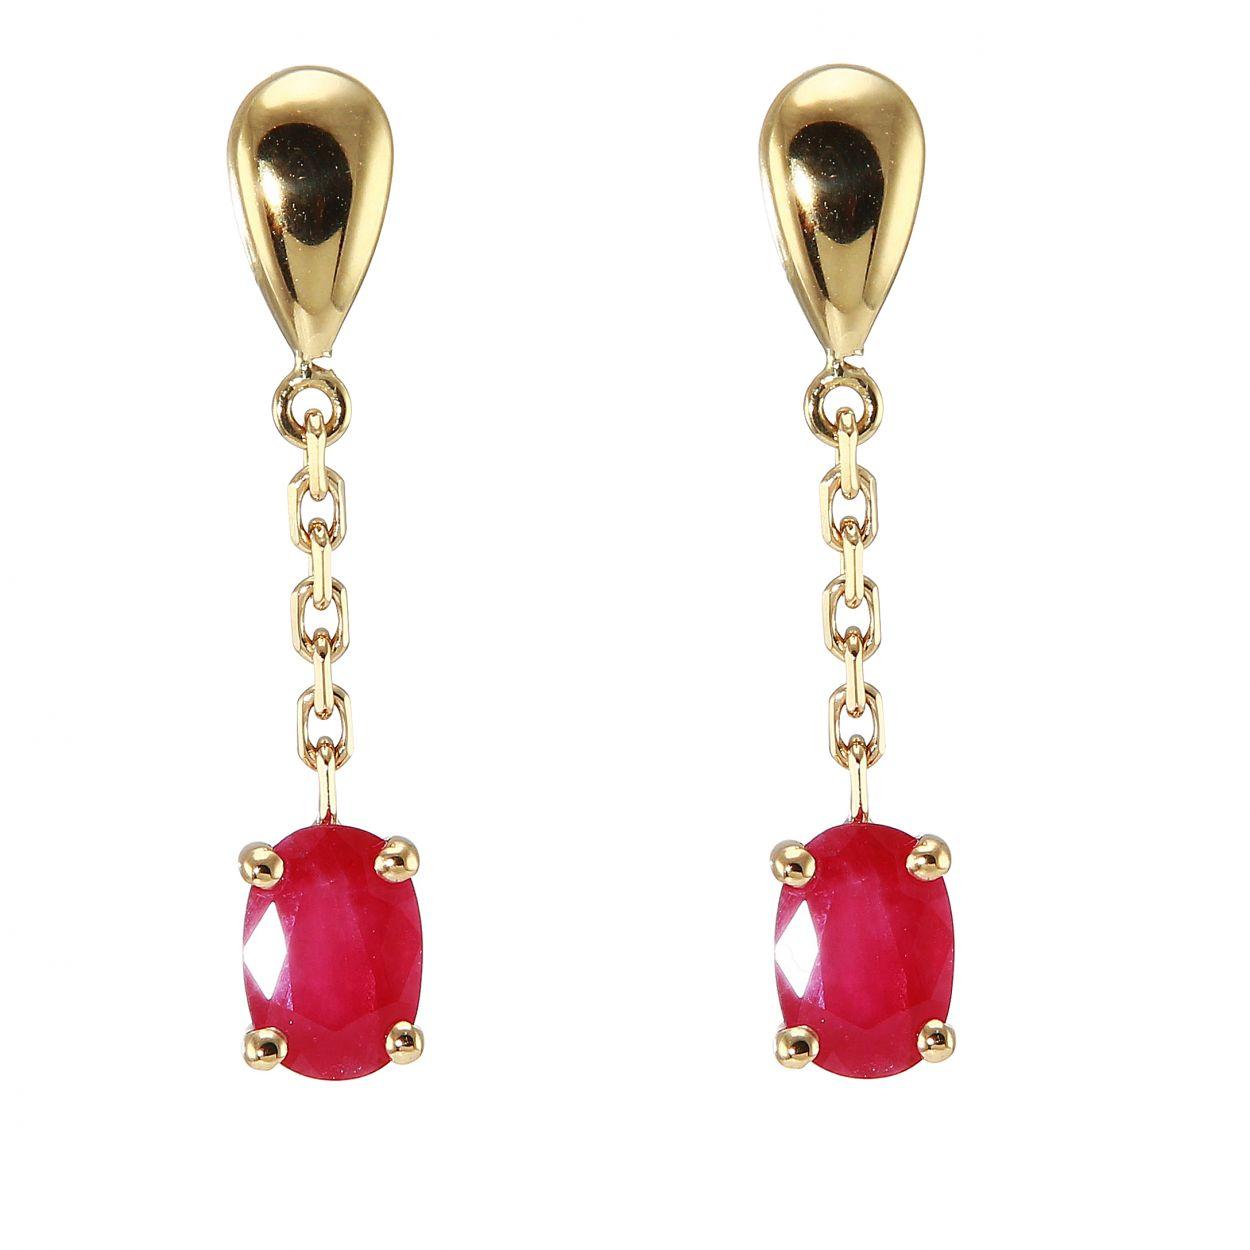 boucles d 39 oreilles pendantes rubis or jaune 750 ref 41044. Black Bedroom Furniture Sets. Home Design Ideas